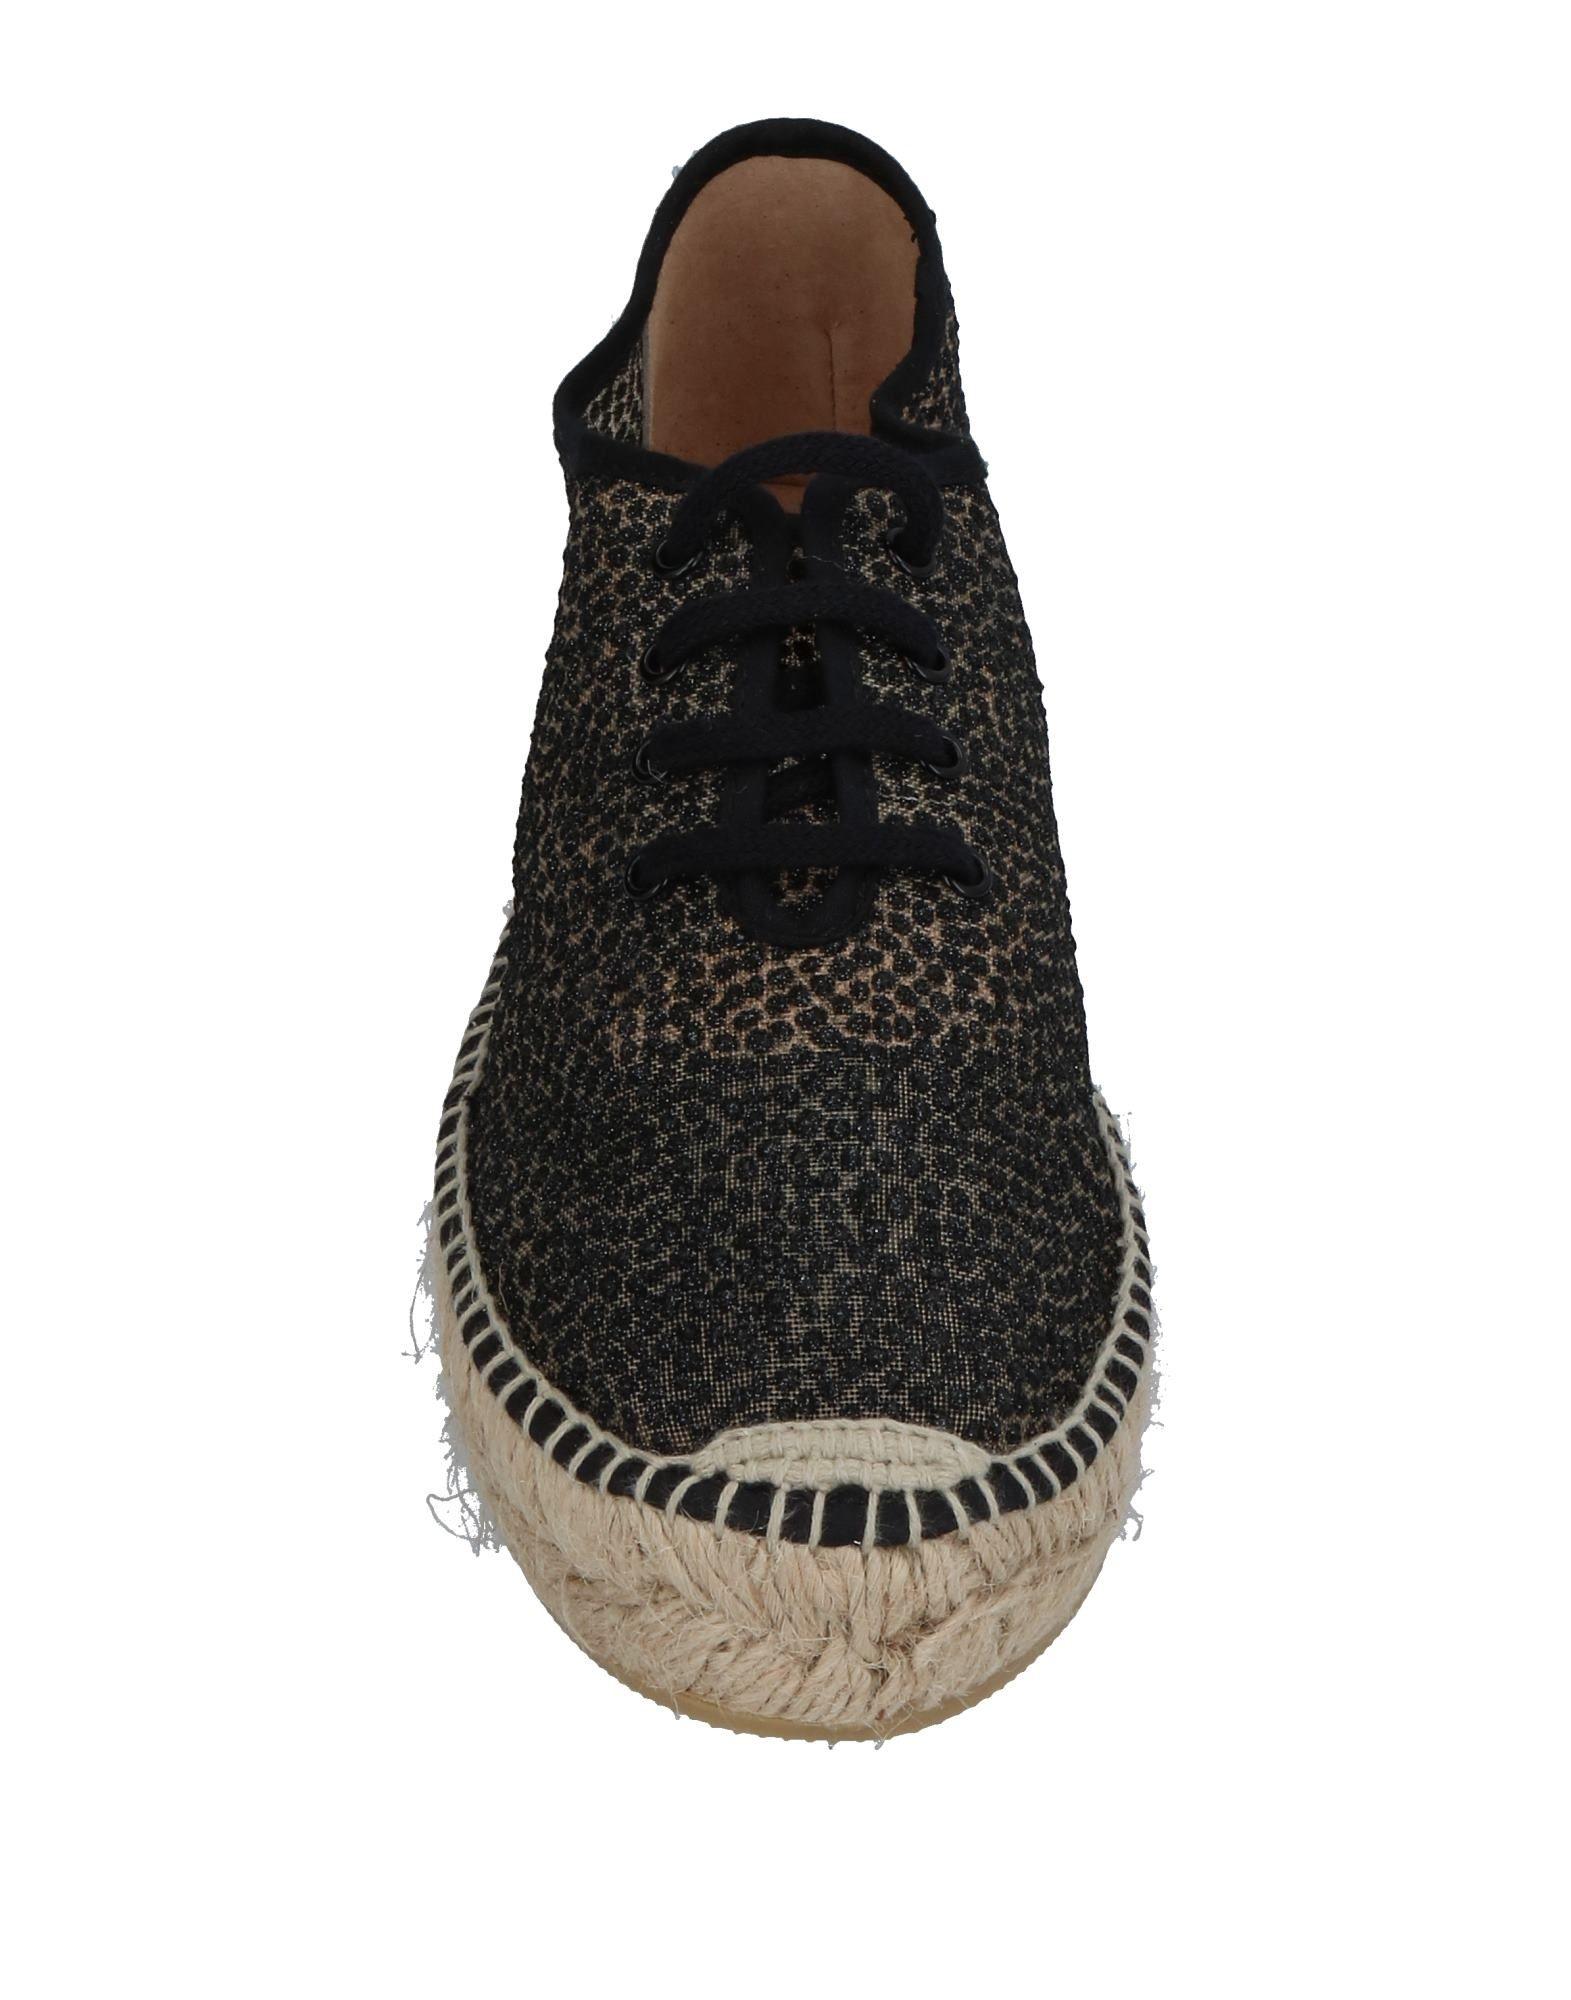 CHAUSSURES - Chaussures à lacetsGaimo Espadrilles PuAbP3kSXI